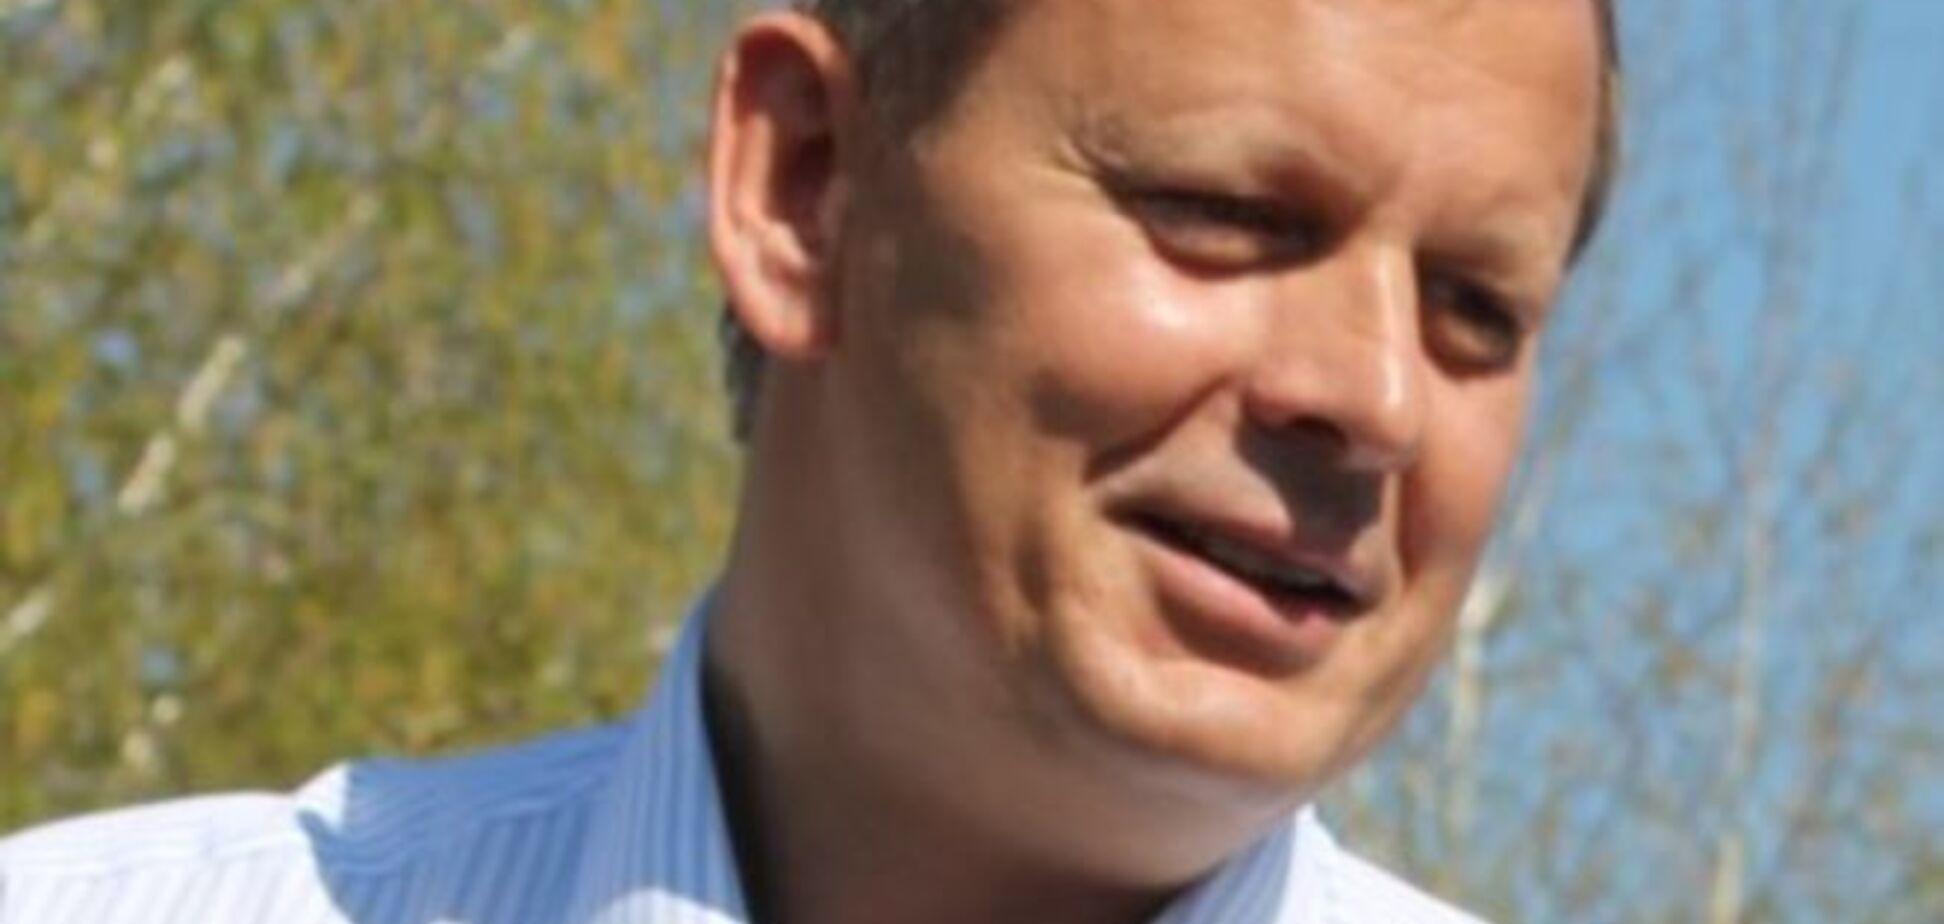 Клюев сбежал за границу через территорию 'ДНР'/'ЛНР' – нардеп